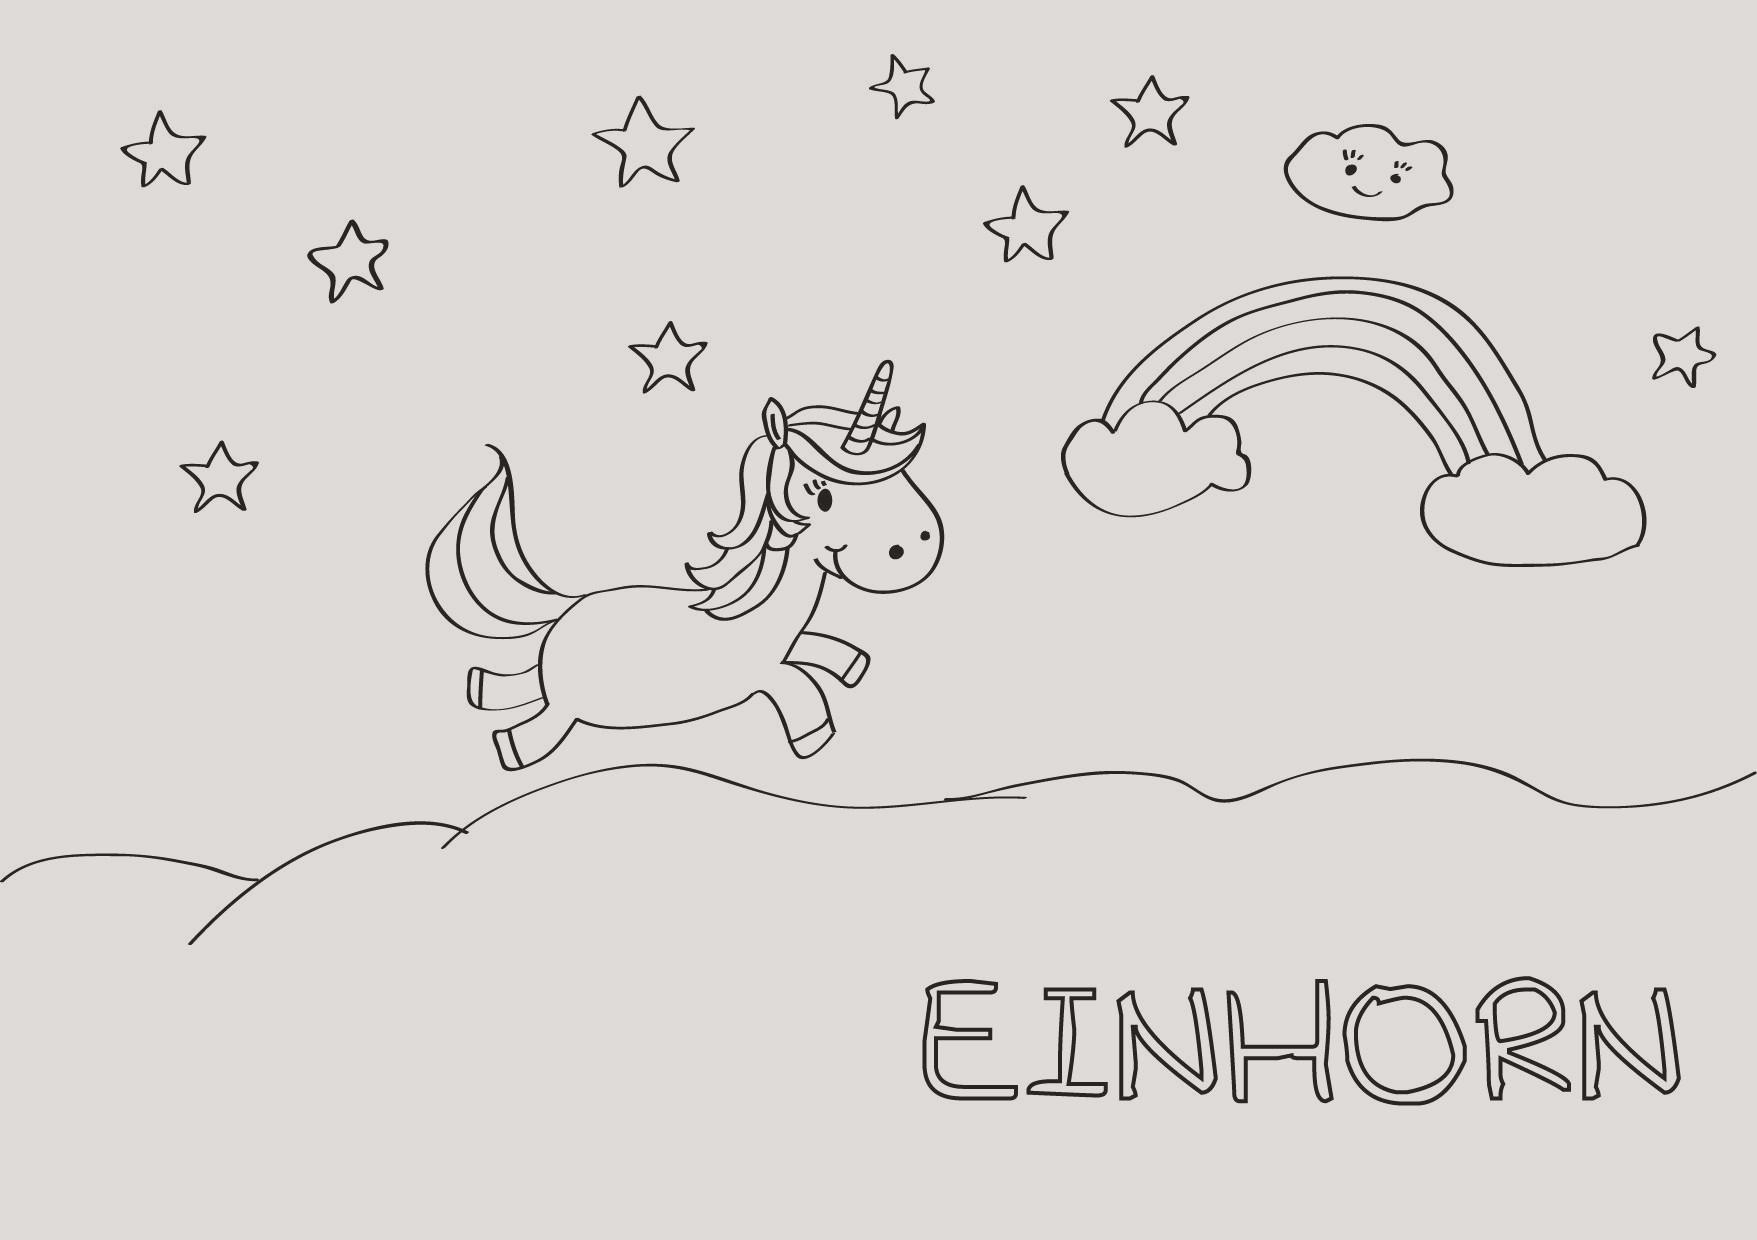 Malvorlagen Einhorn Inspirierend Vorlage Einhorn Frisch 90 Einzigartig Bild Von Einhorn Gdd0 Bild